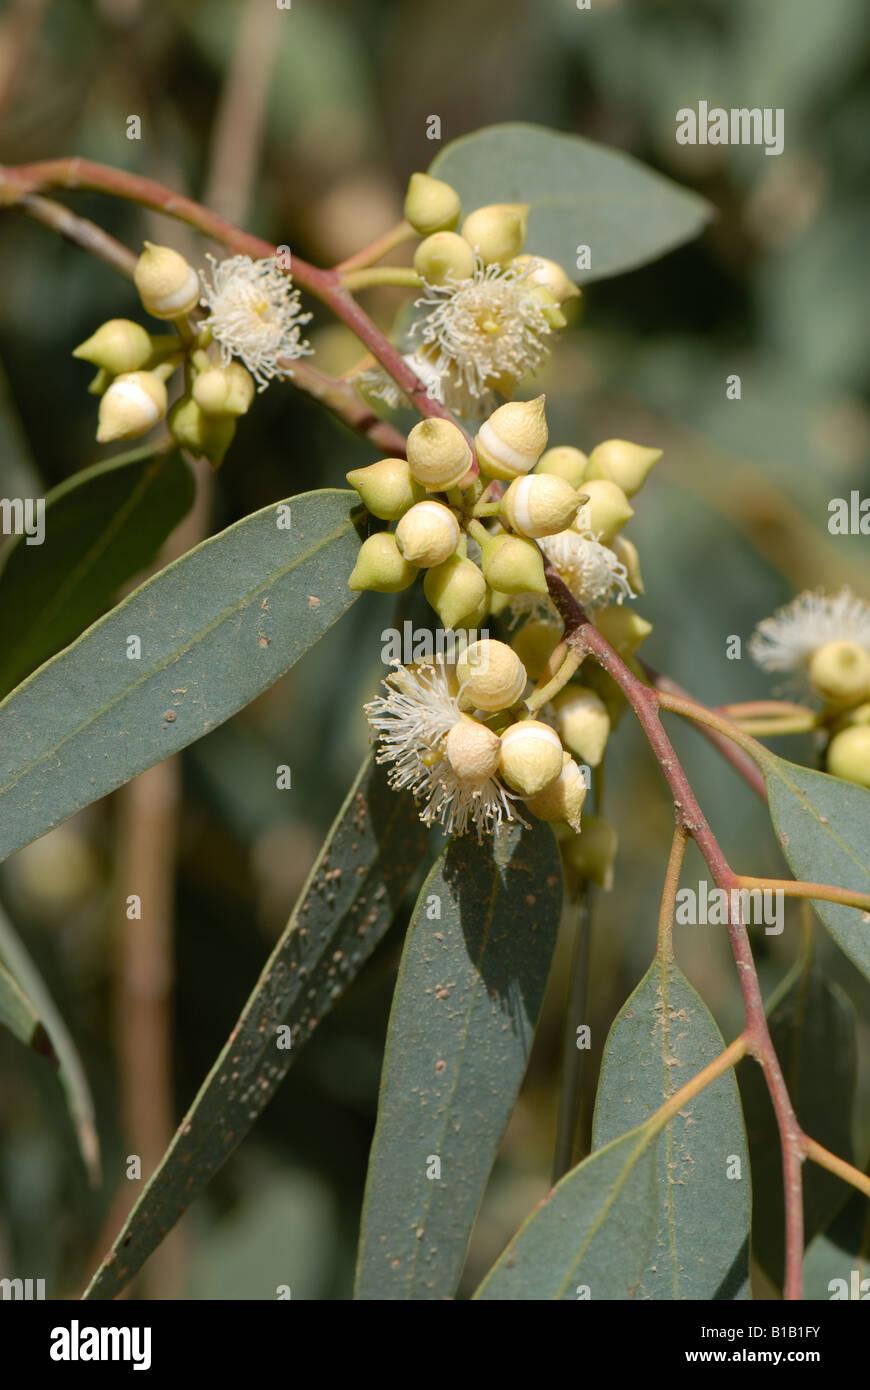 Gum tree Eucalyptus spp flores estambres y yemas con pétalos fusionados Creta Imagen De Stock